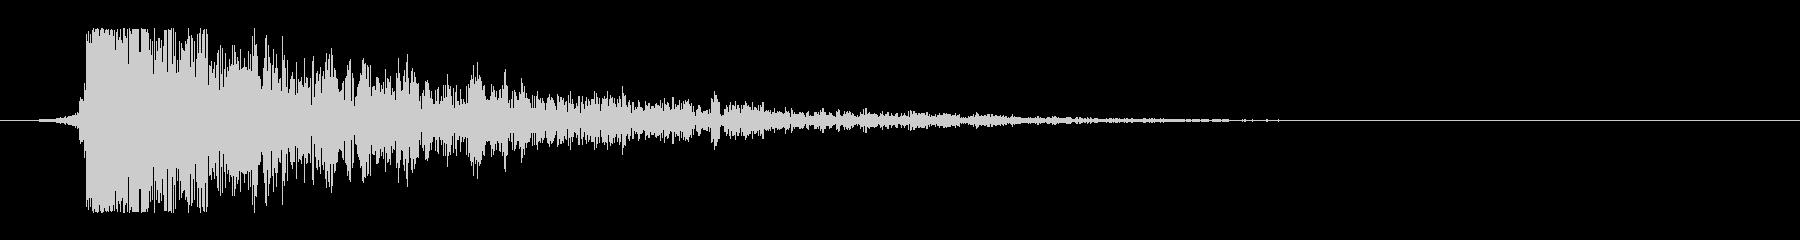 シュードーン-17(インパクト音)の未再生の波形